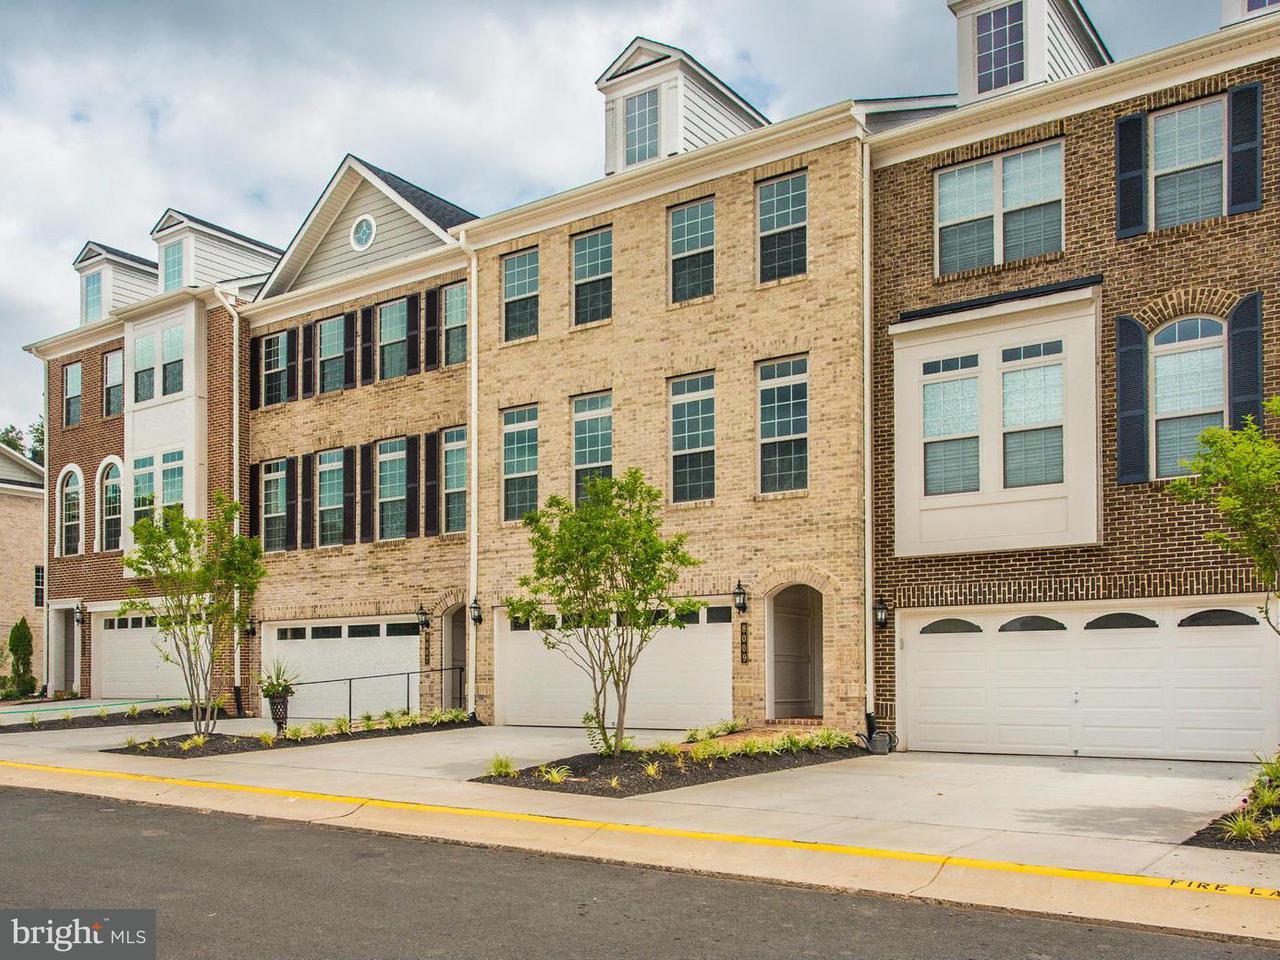 タウンハウス のために 売買 アット 7985 Turtle Creek Circle 7985 Turtle Creek Circle Gainesville, バージニア 20155 アメリカ合衆国